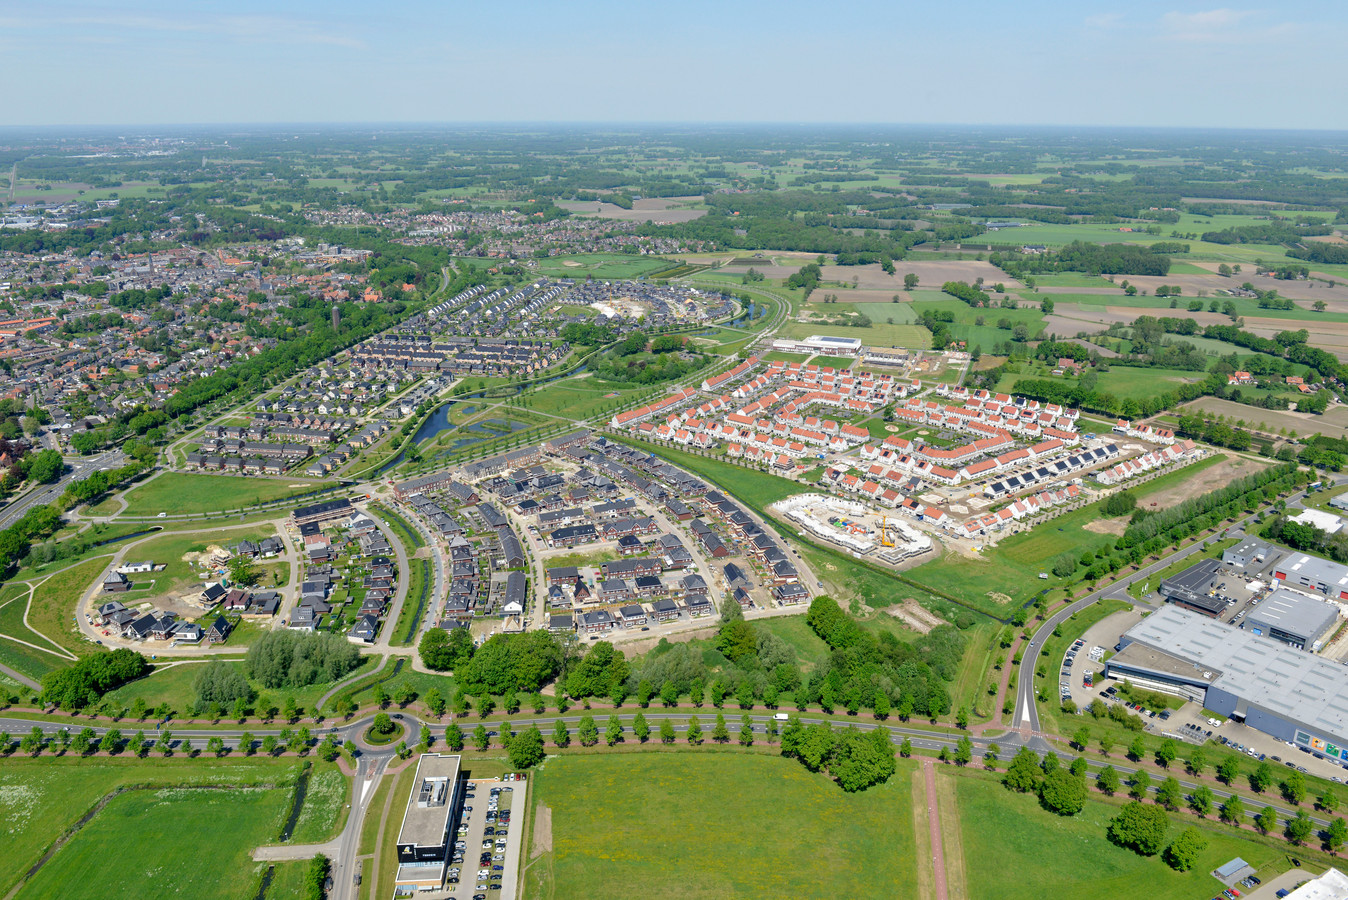 Nieuwbouwwijk De Bornsche Maten, een waarschijnlijke reden voor de bewonersgroei van de gemeente Borne.